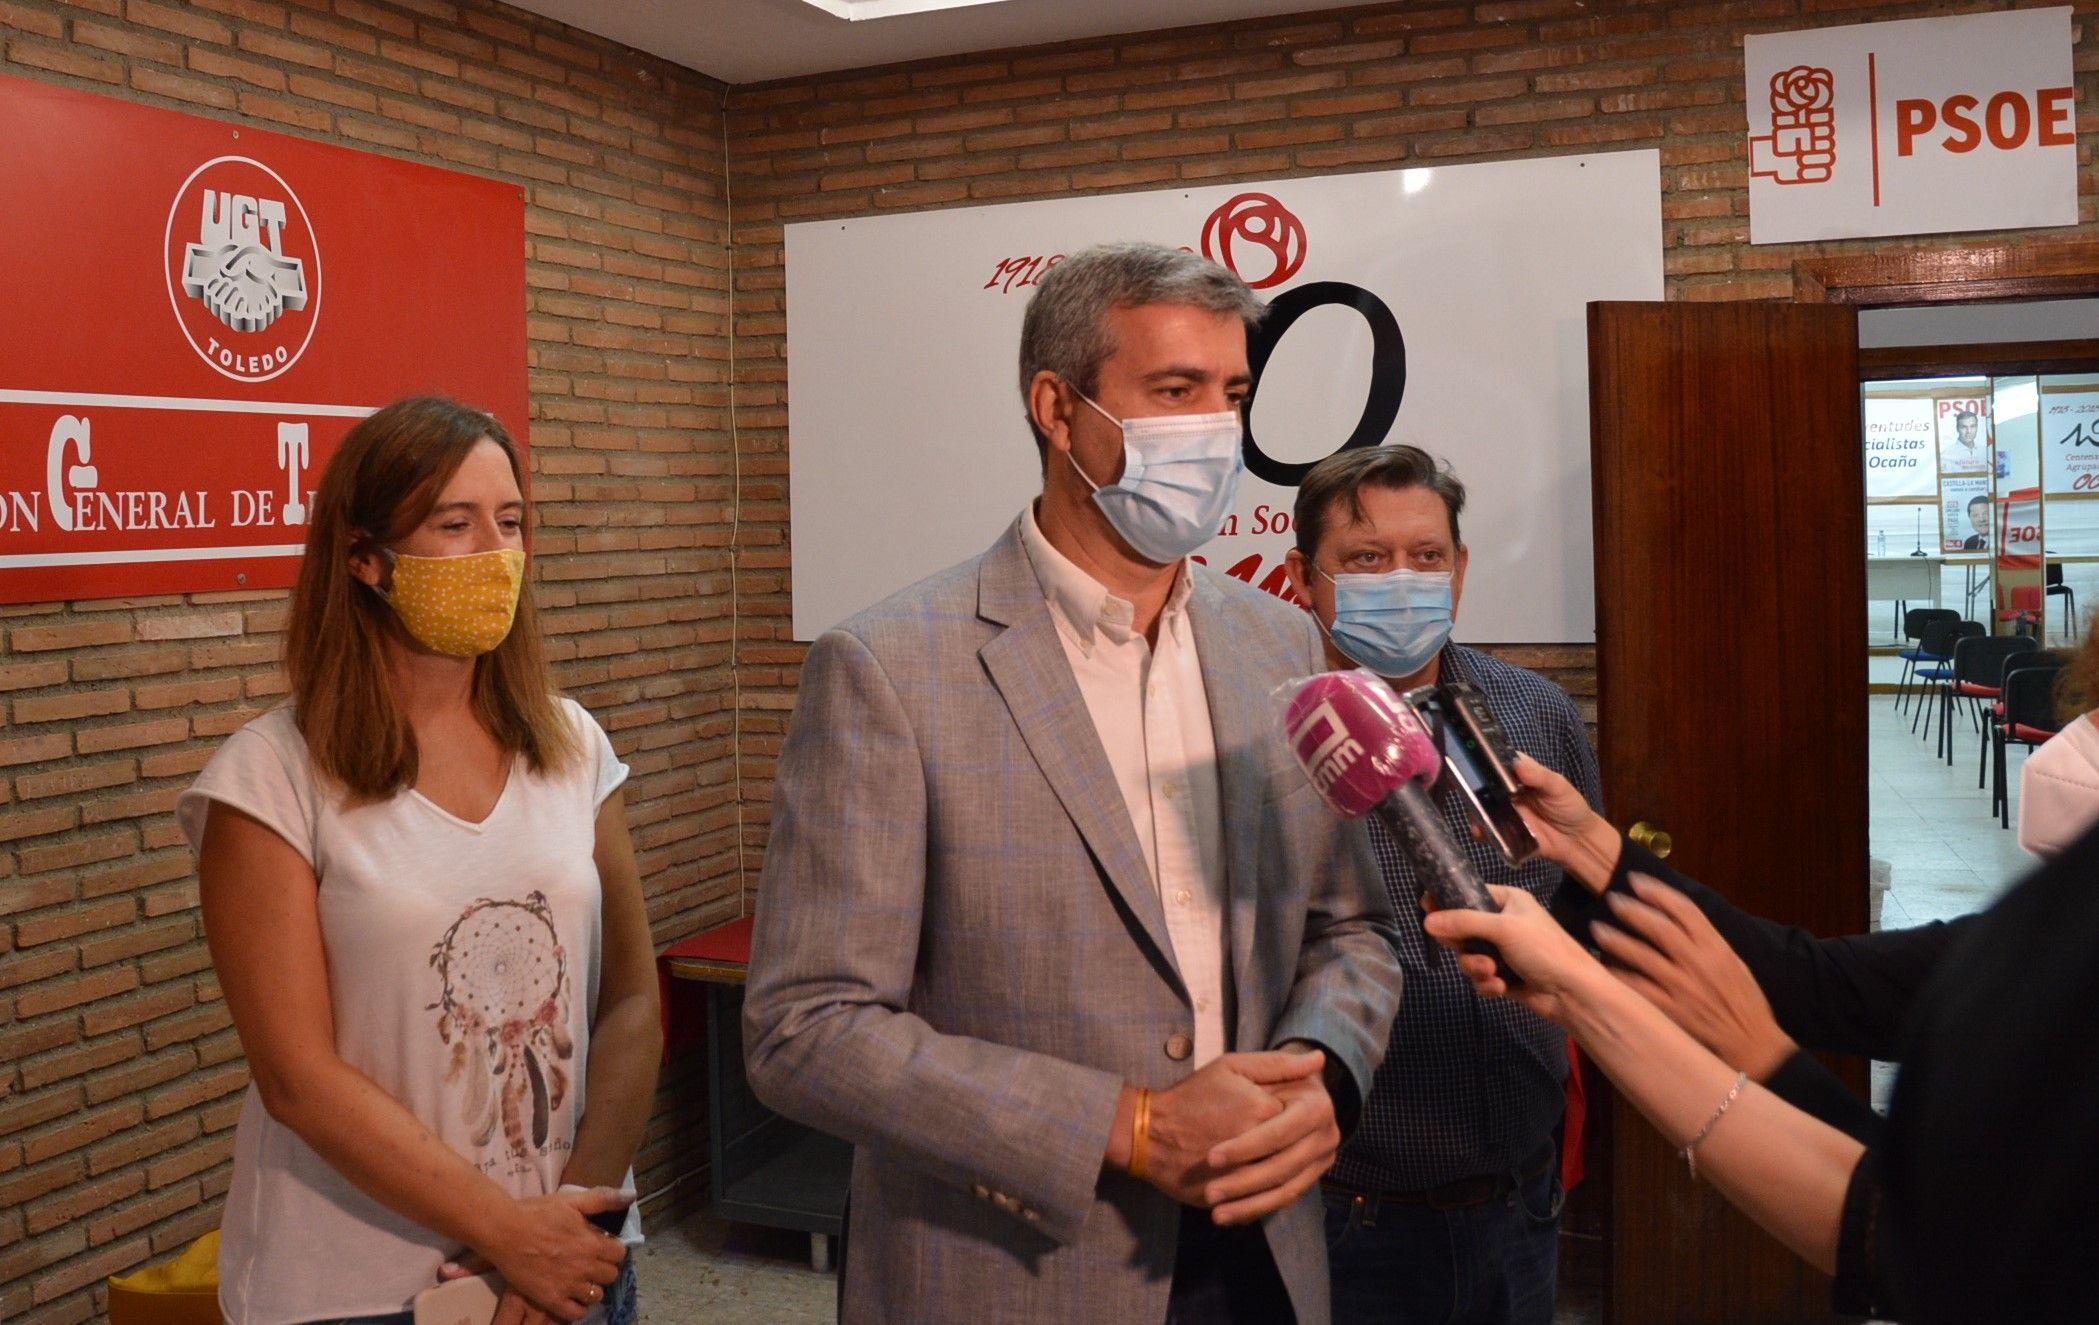 Álvaro Gutiérrez pide a Nuñez que haga caso a sus compañeros de Madrid y deje de politizar con el virus